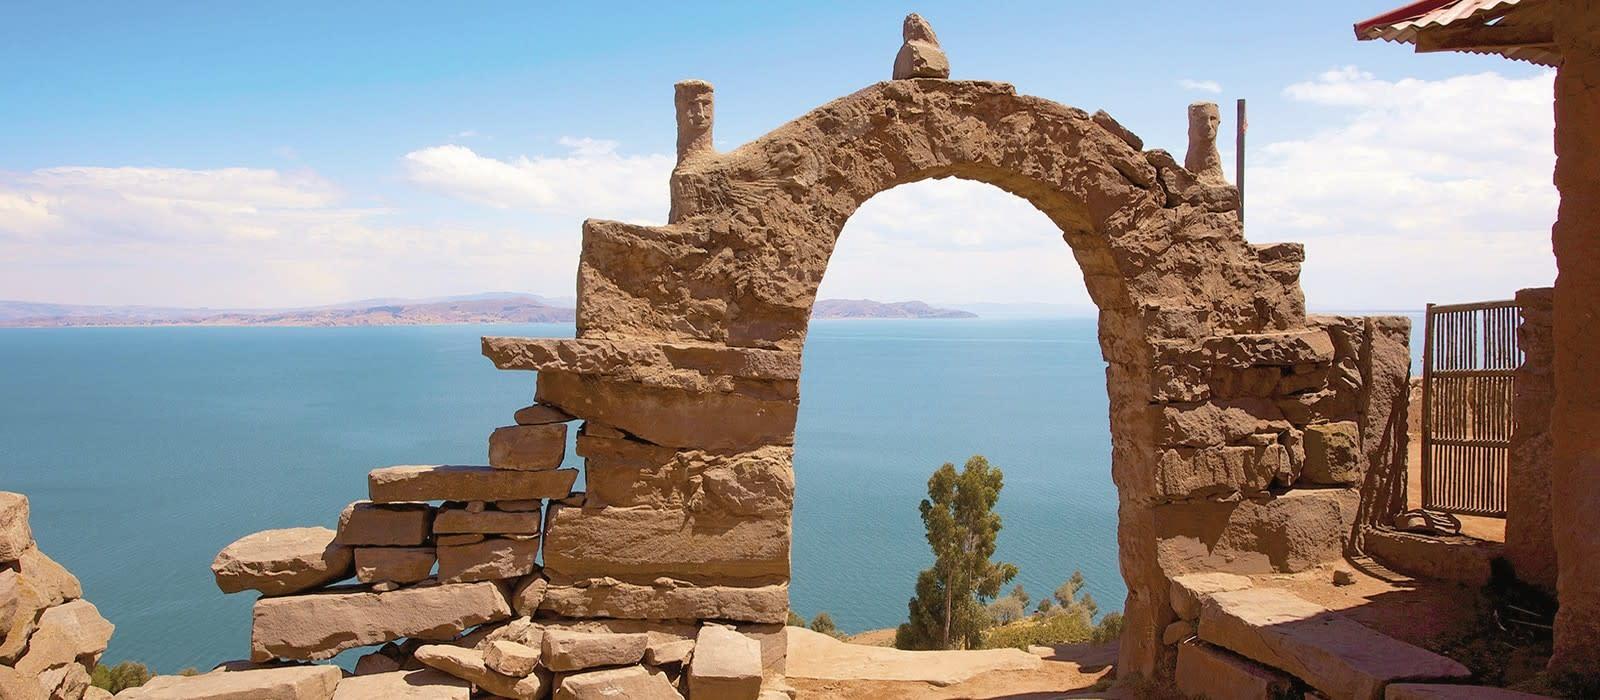 Peru and Bolivia: Ancient Cultures Tour Trip 1